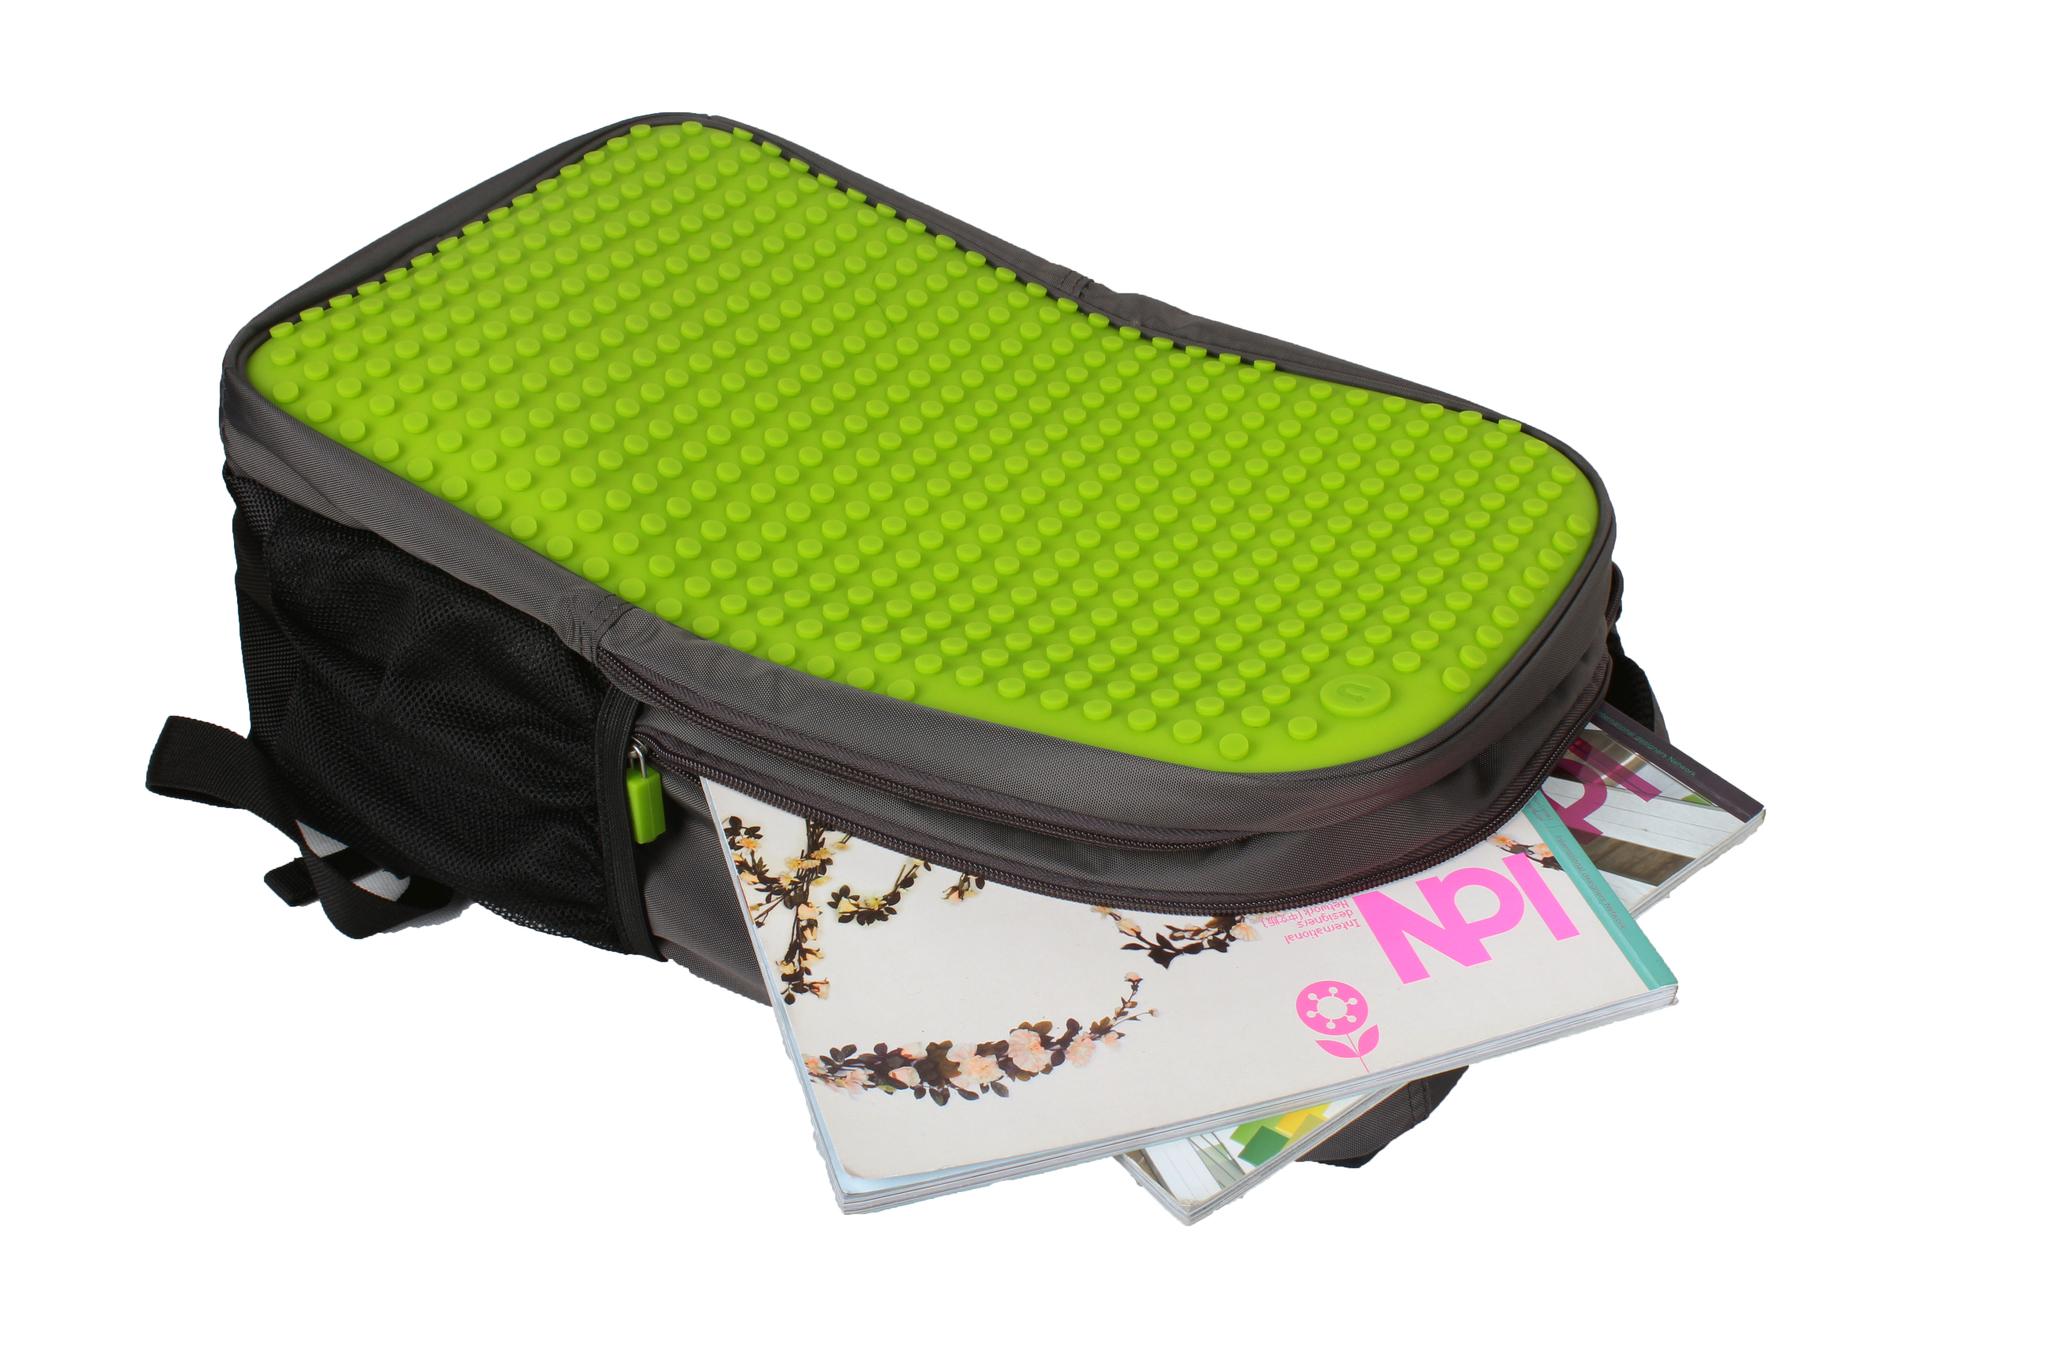 Школьный пиксельный рюкзак Full Screen зеленый с предметами